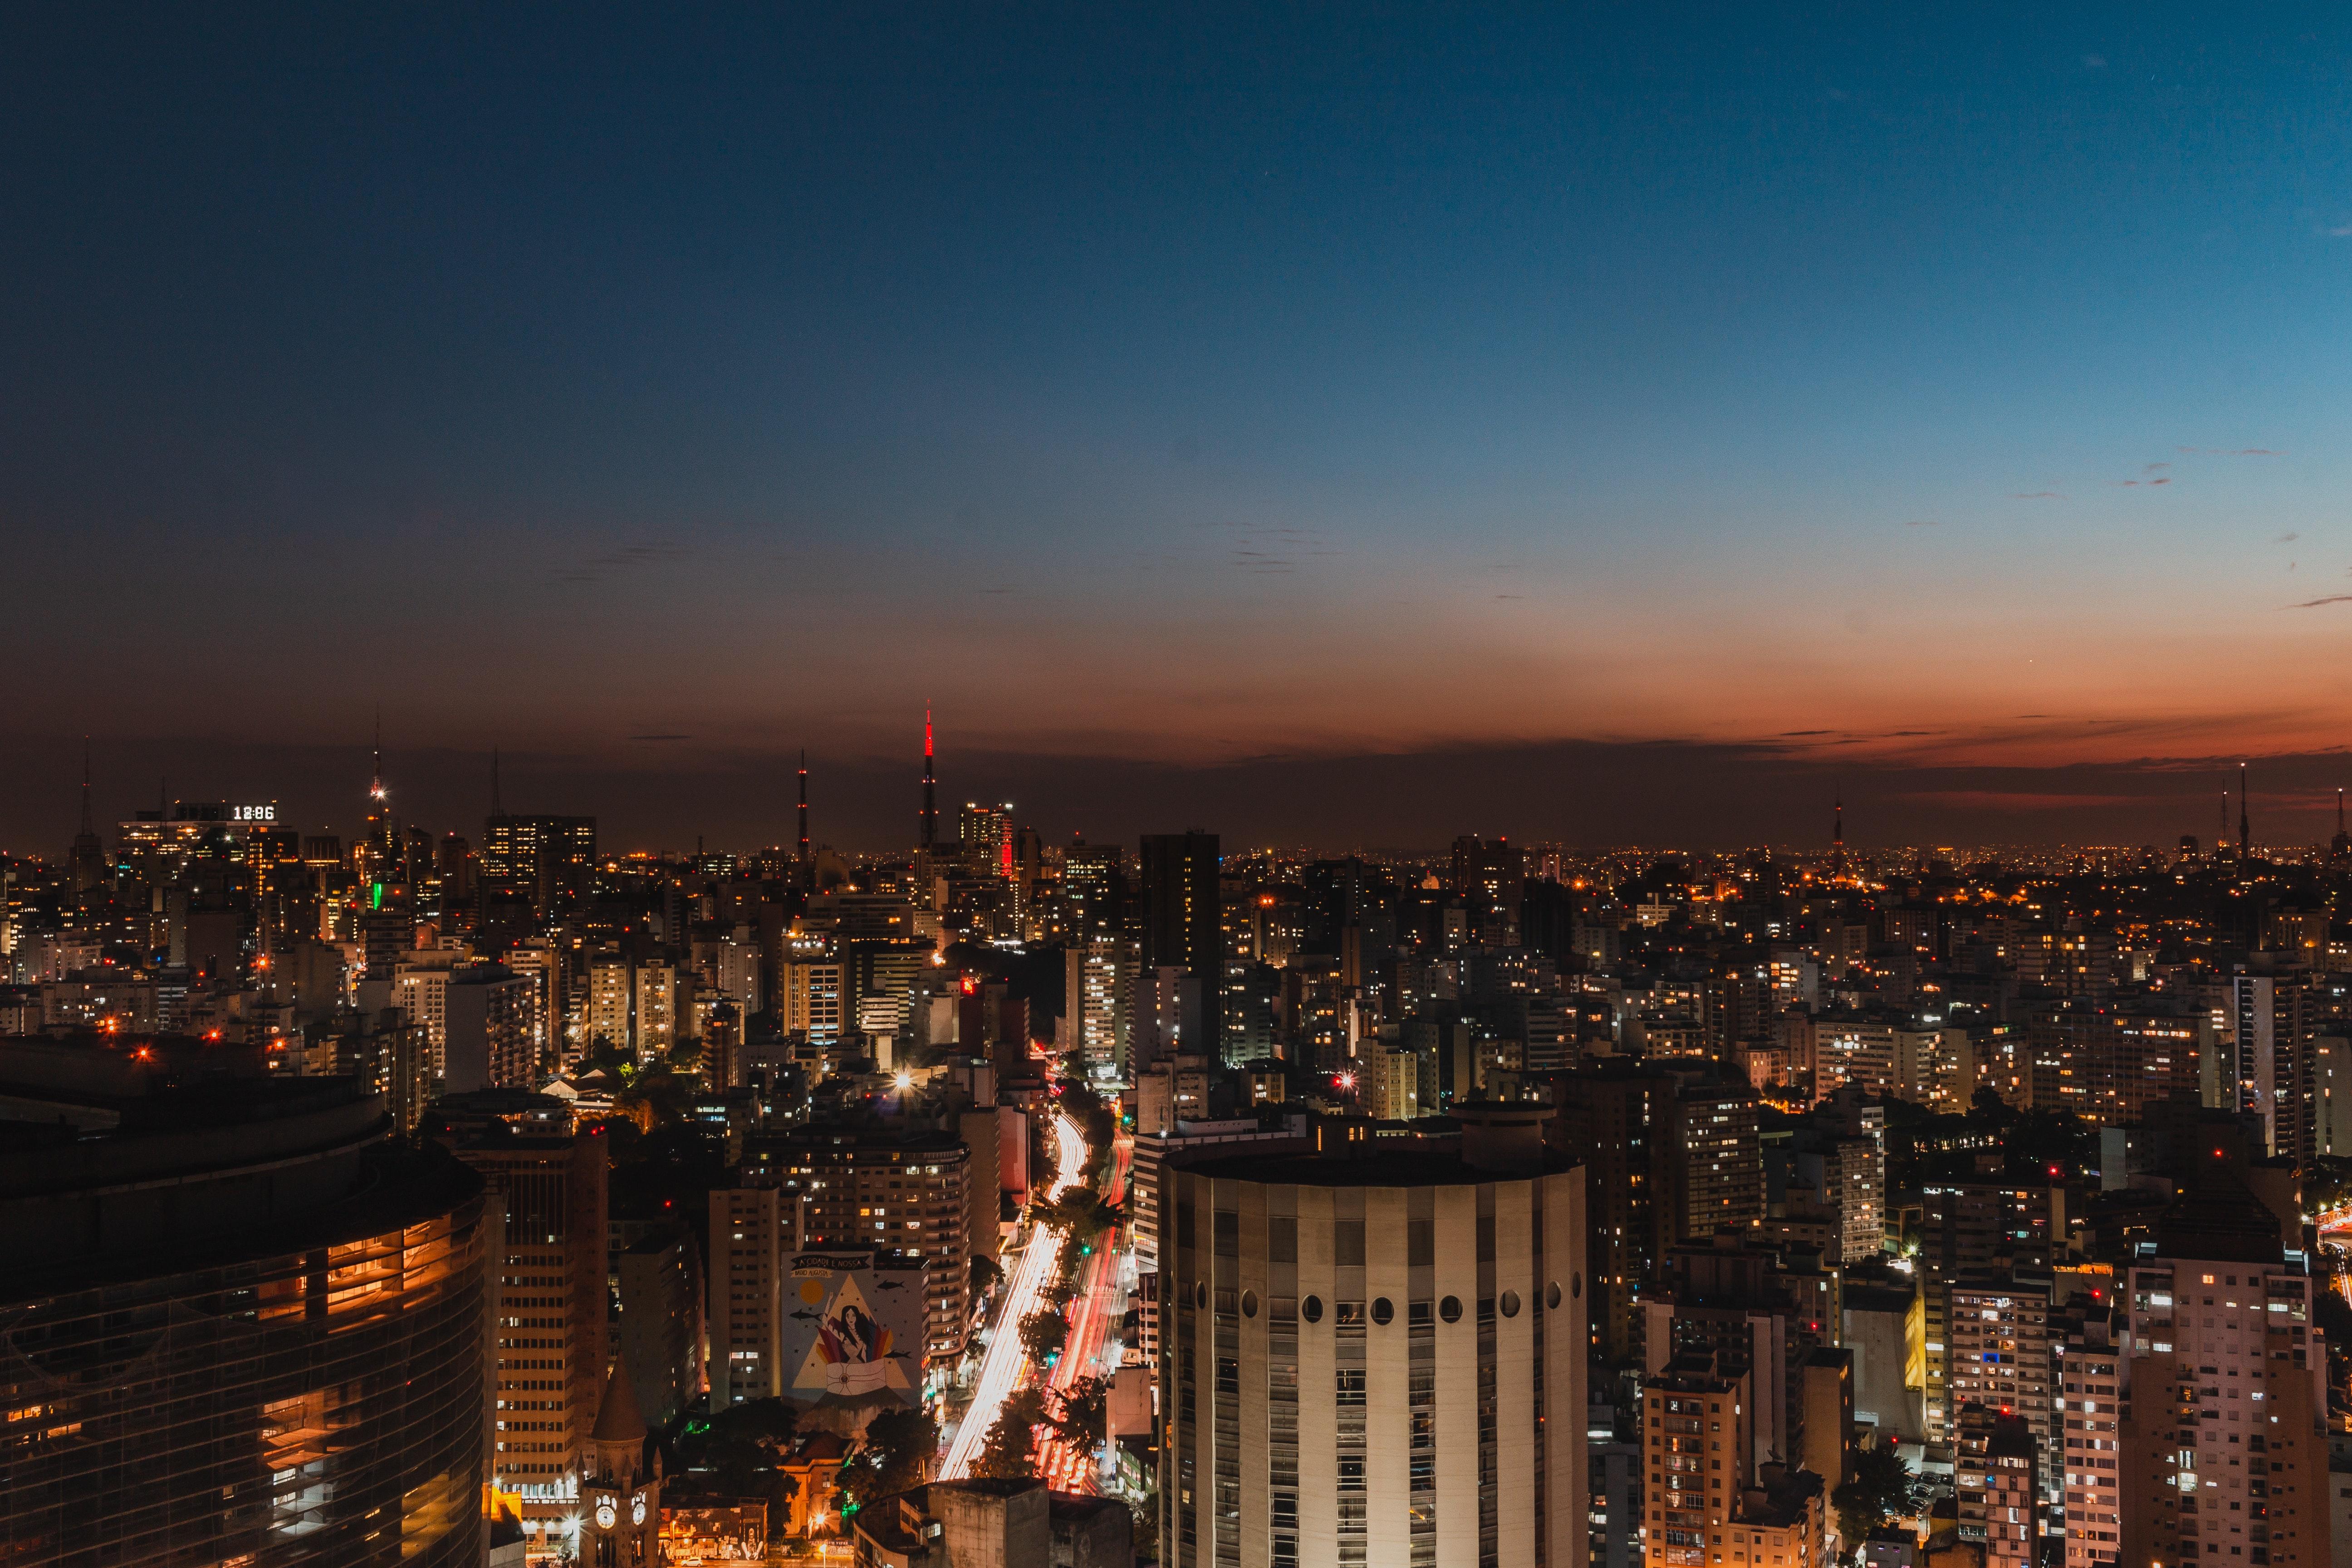 Gambar Arsitektur Bangunan Bisnis Lampu Lampu Kota Pemandangan